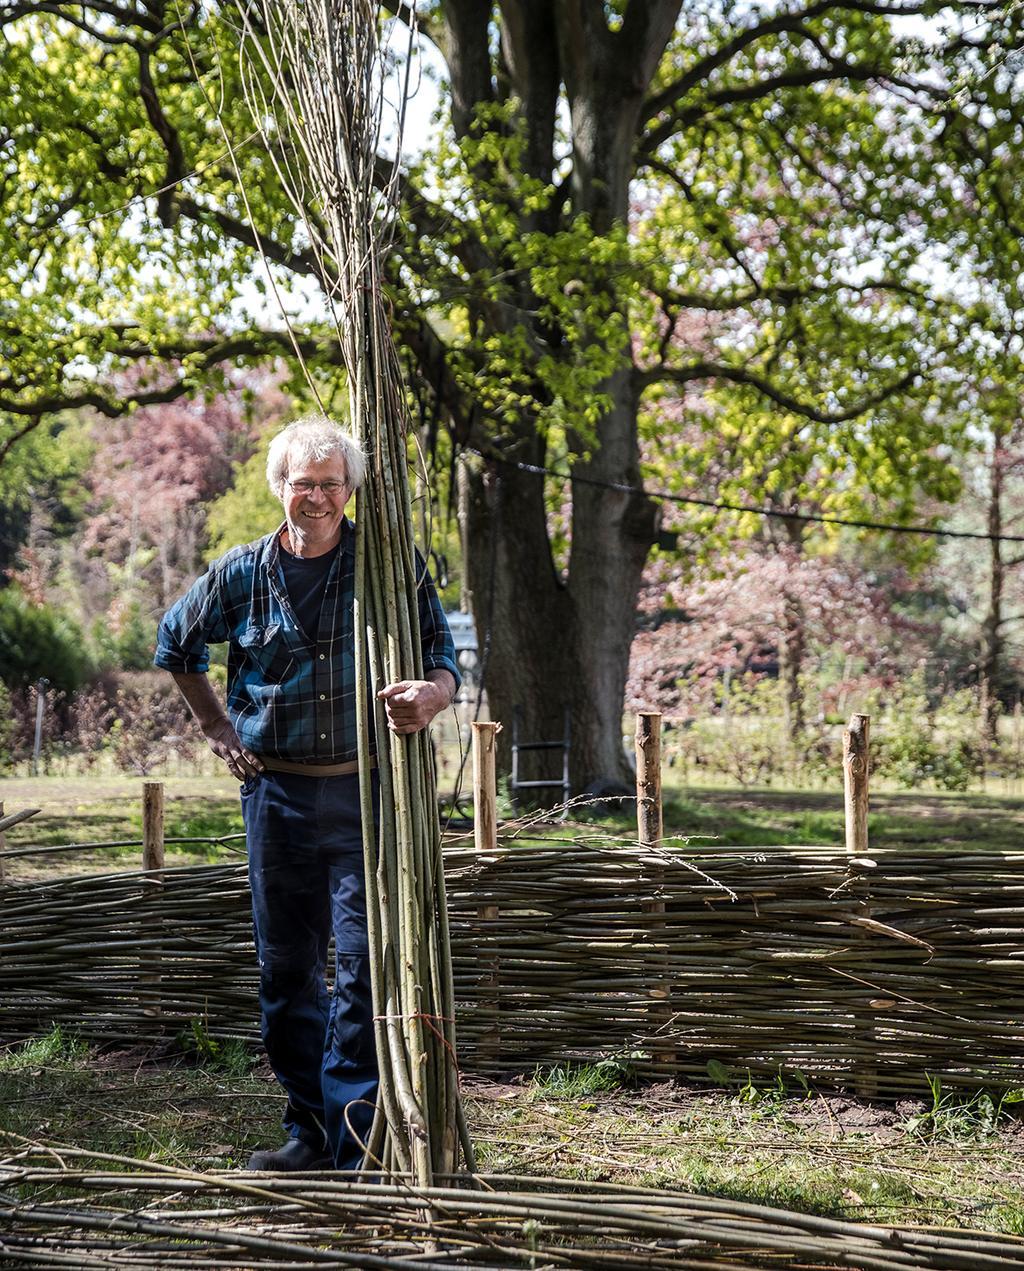 vtwonen tuin special 2 2020 | wilgen takken in bos vastgehouden door Piet-Hein